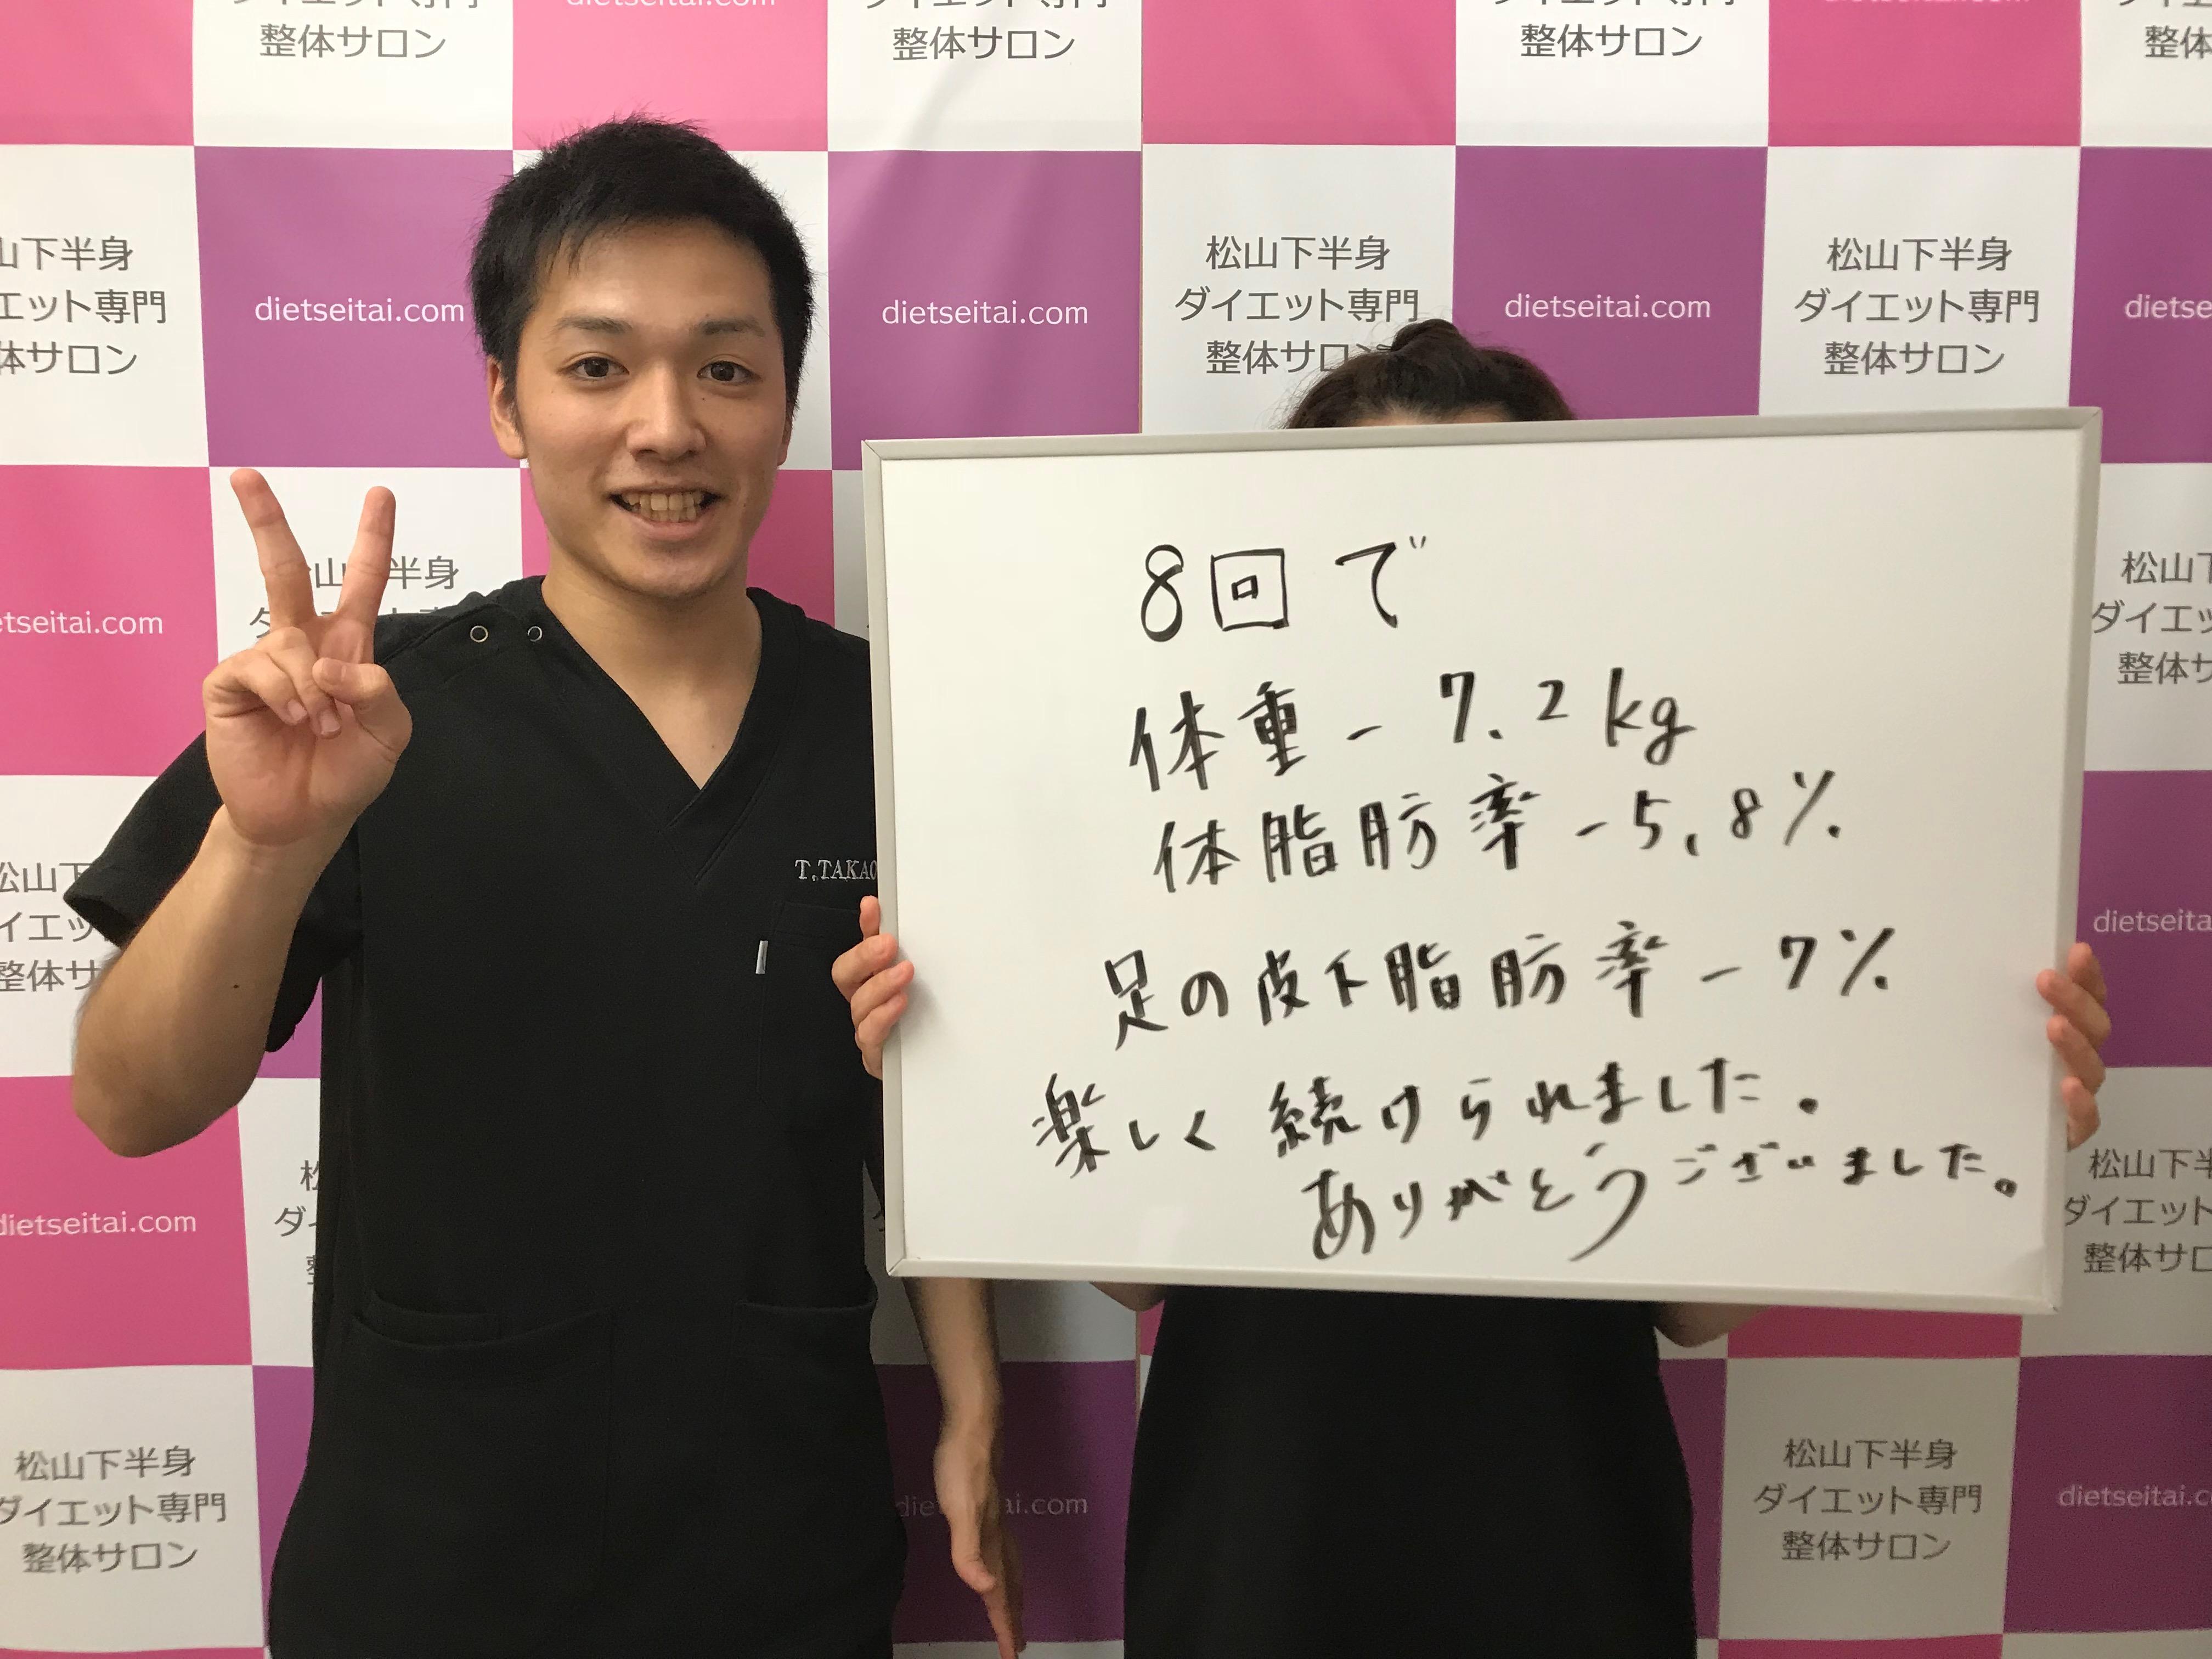 渡部 美佳さん3.JPG